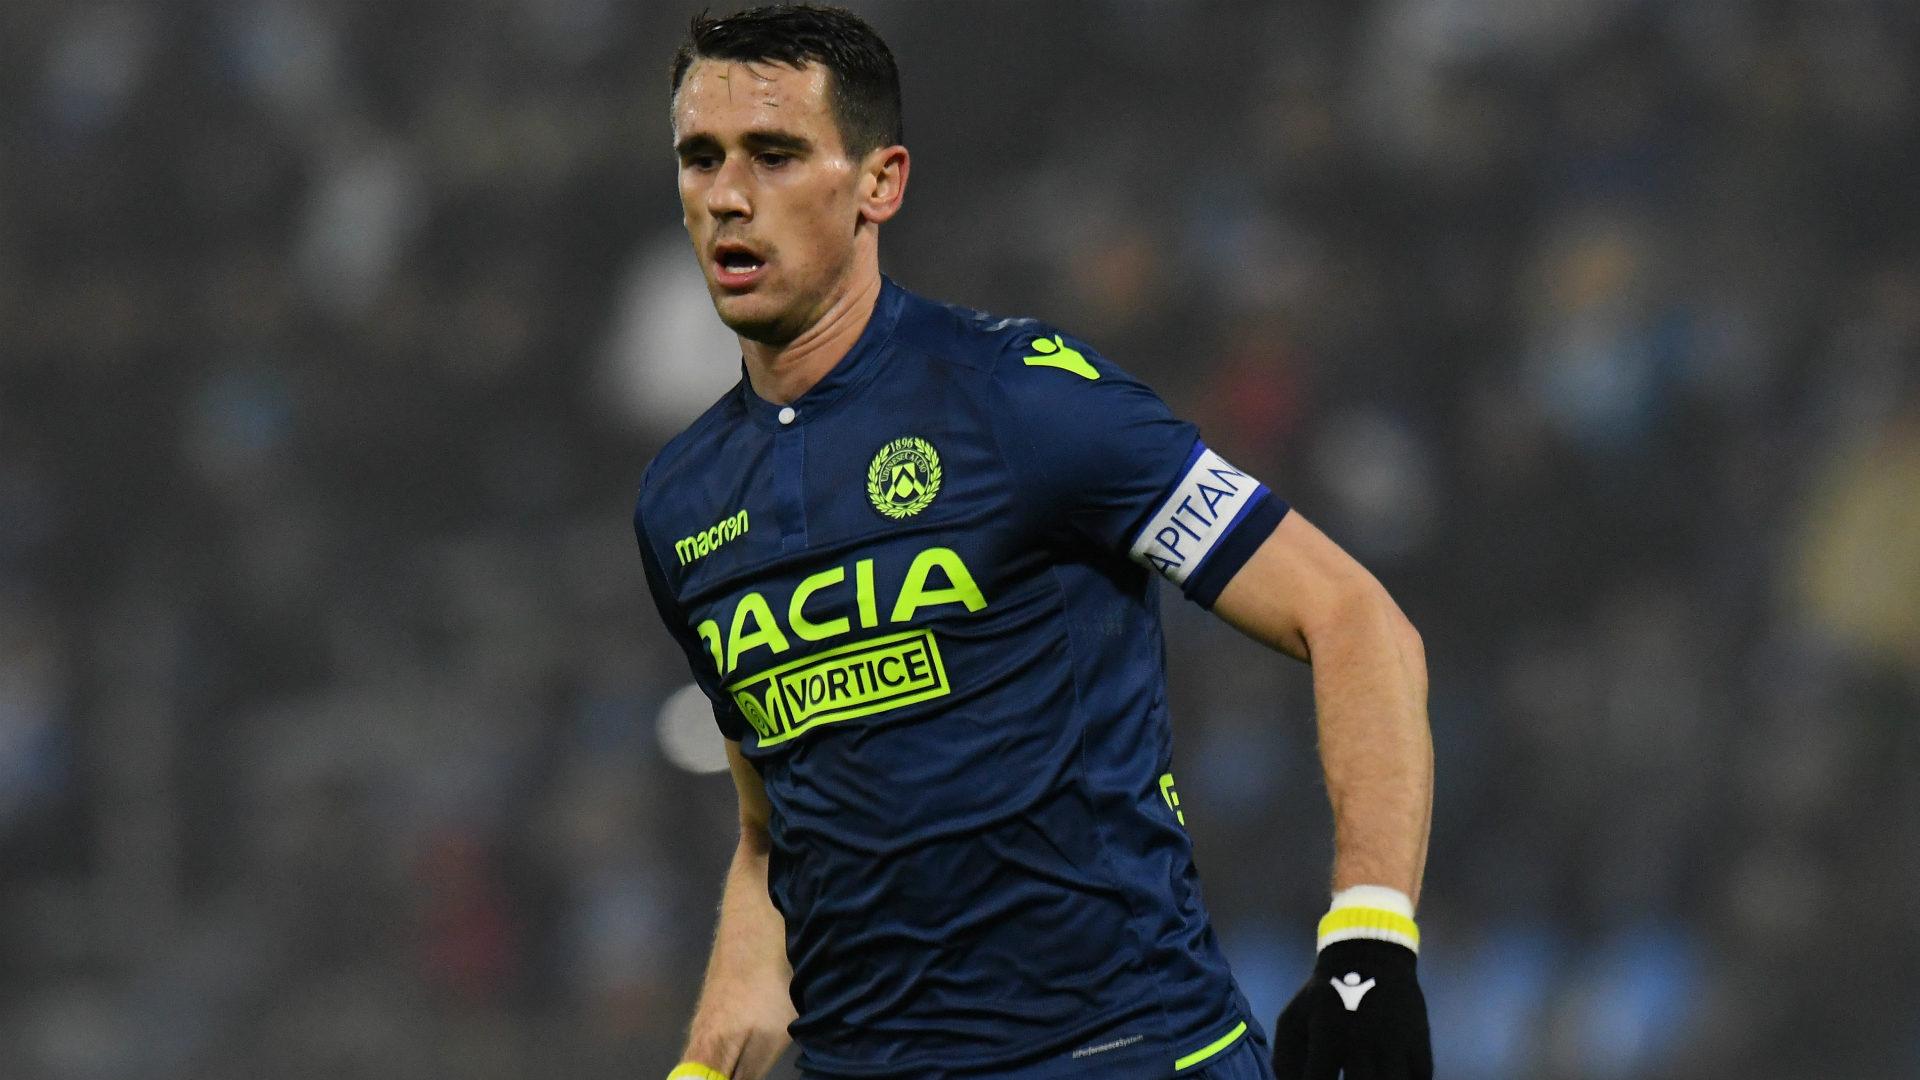 Mercato Udinese, Kevin Lasagna marcato stretto dal Napoli